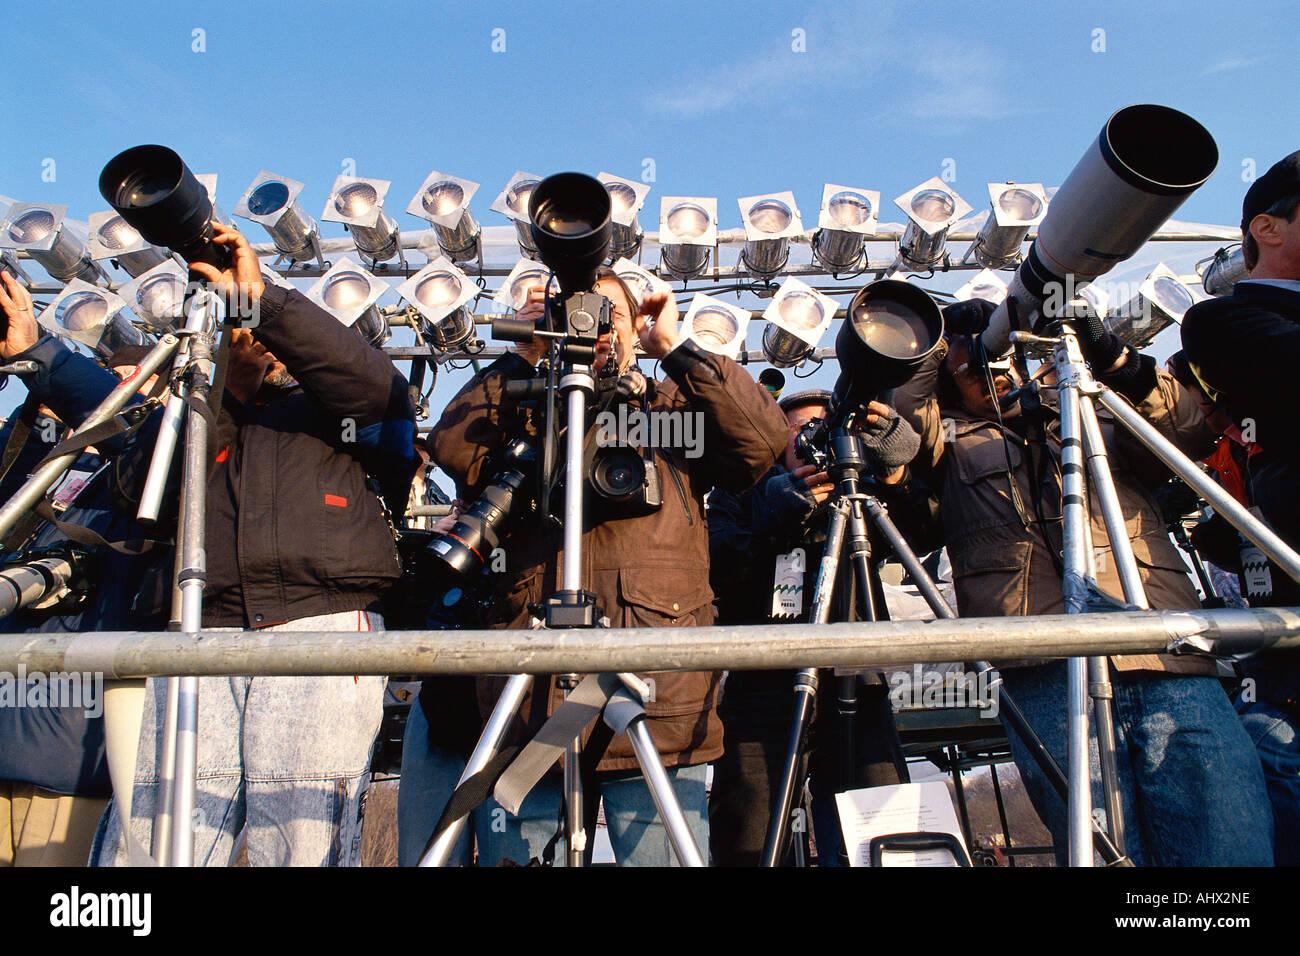 Row of photographers with telescopic lenses Stock Photo